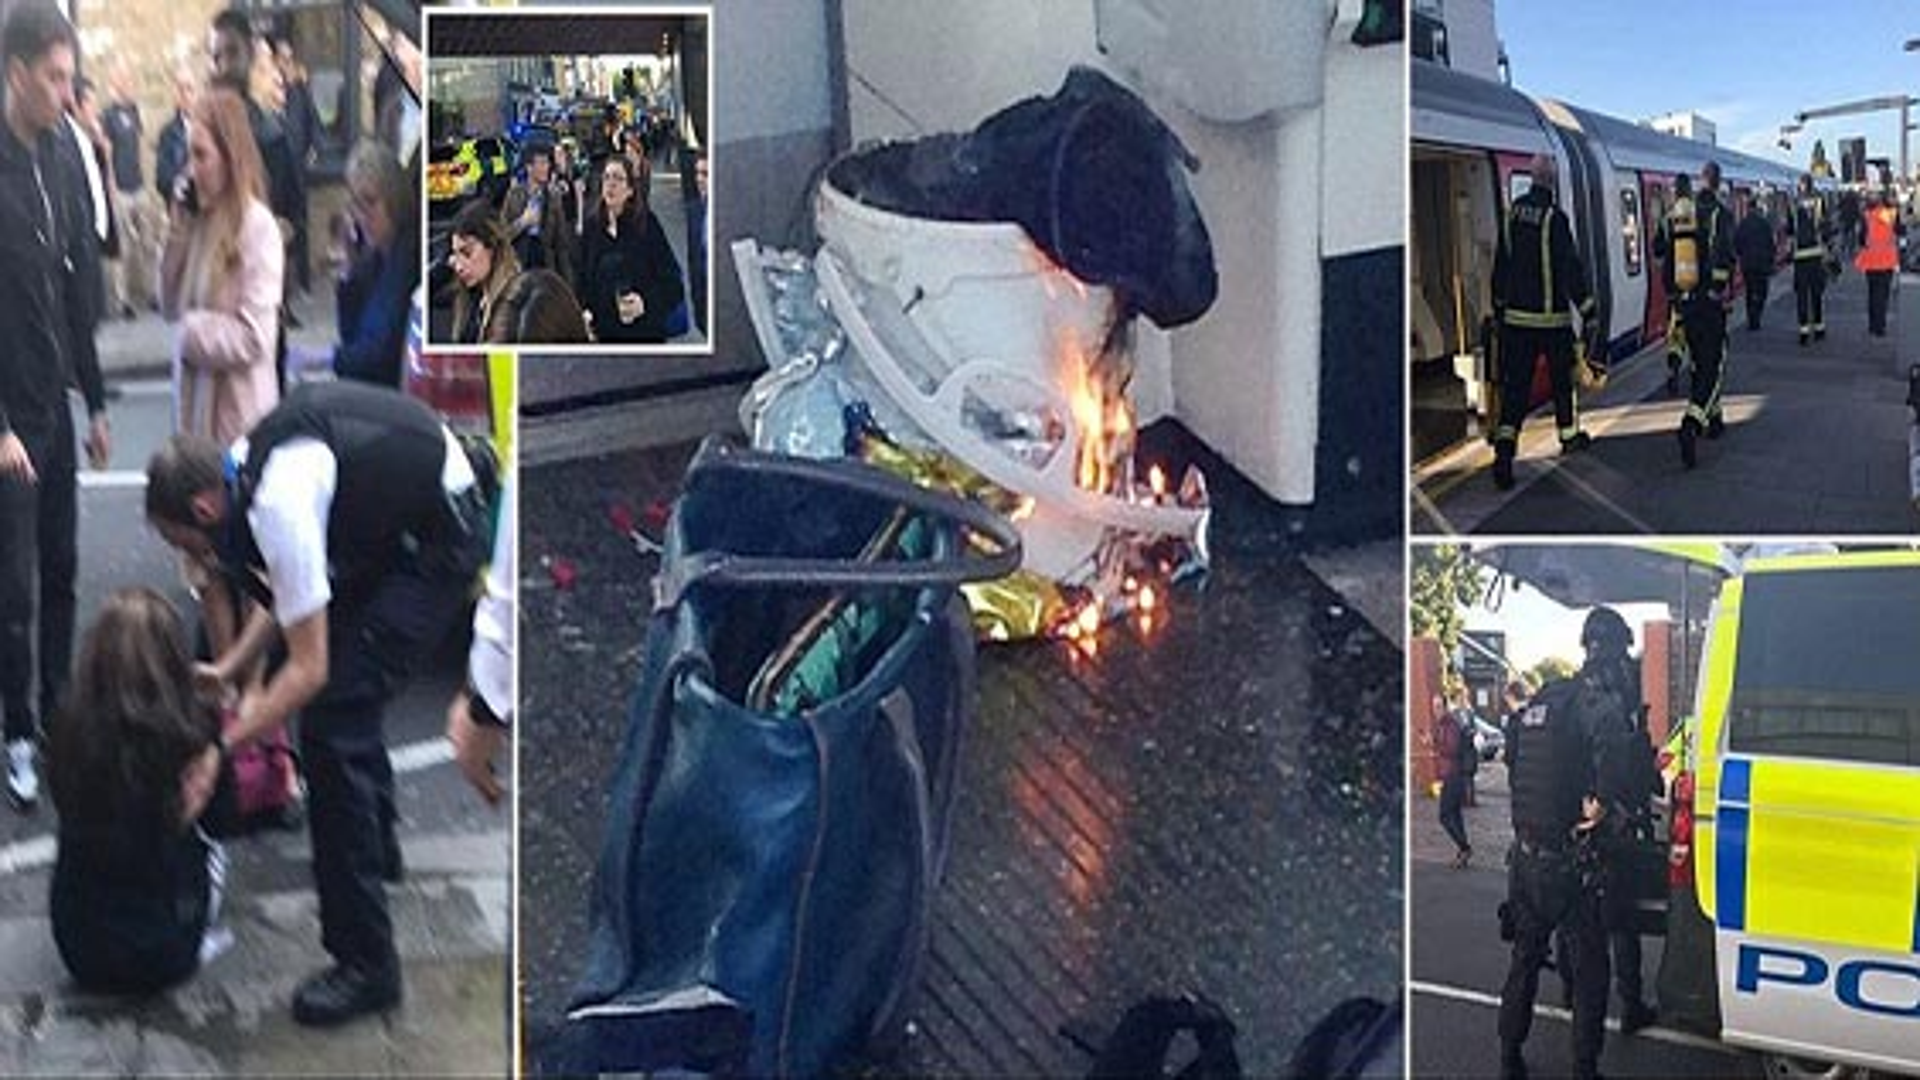 وقوع انفجار در یکی از قطارهای متروی لندن | فیلم